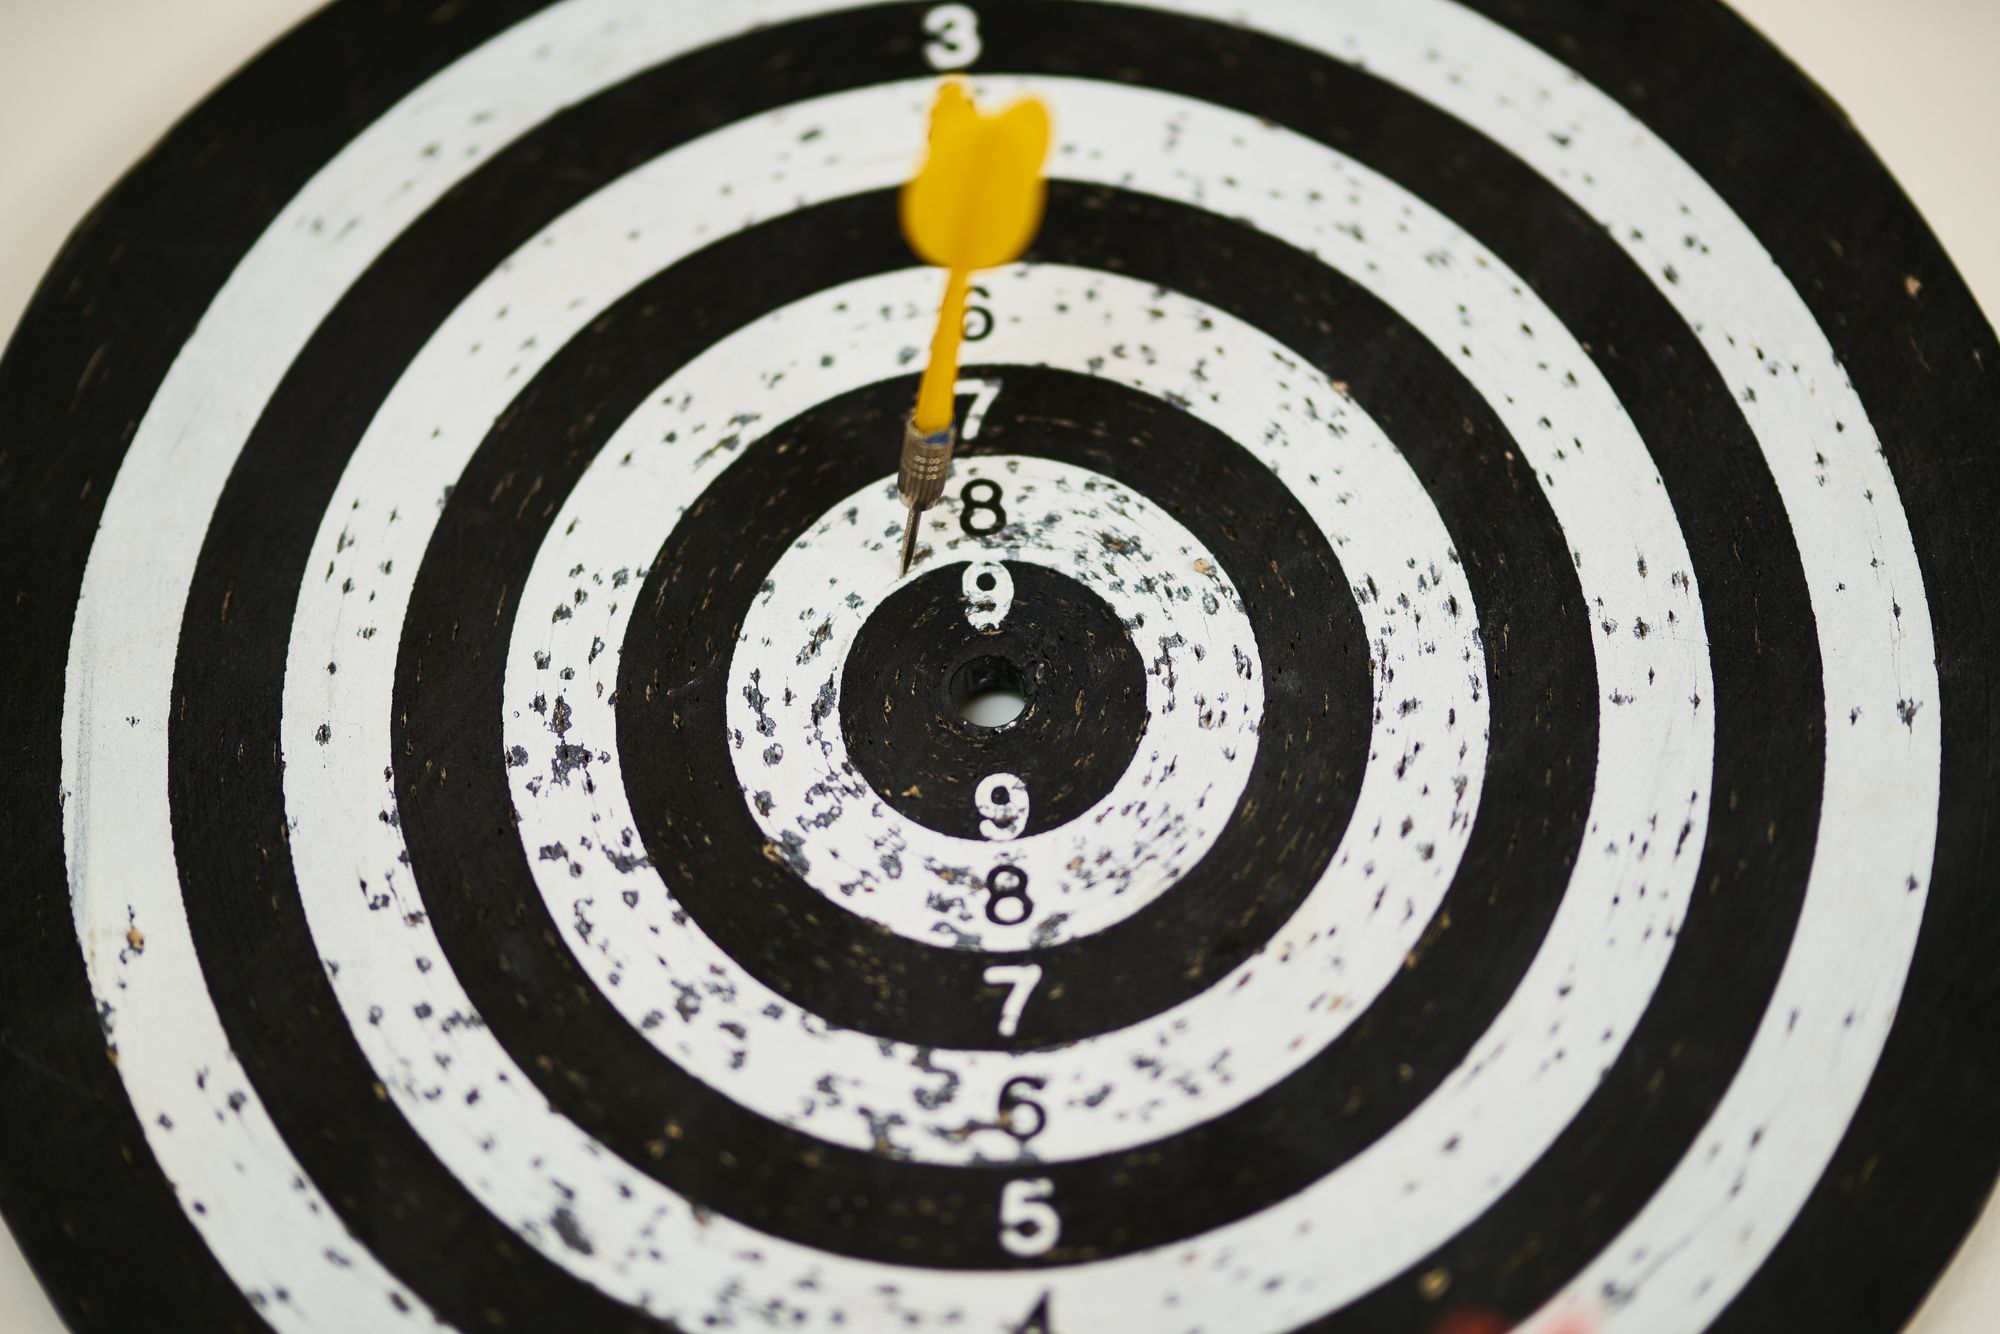 Precision vs Recall